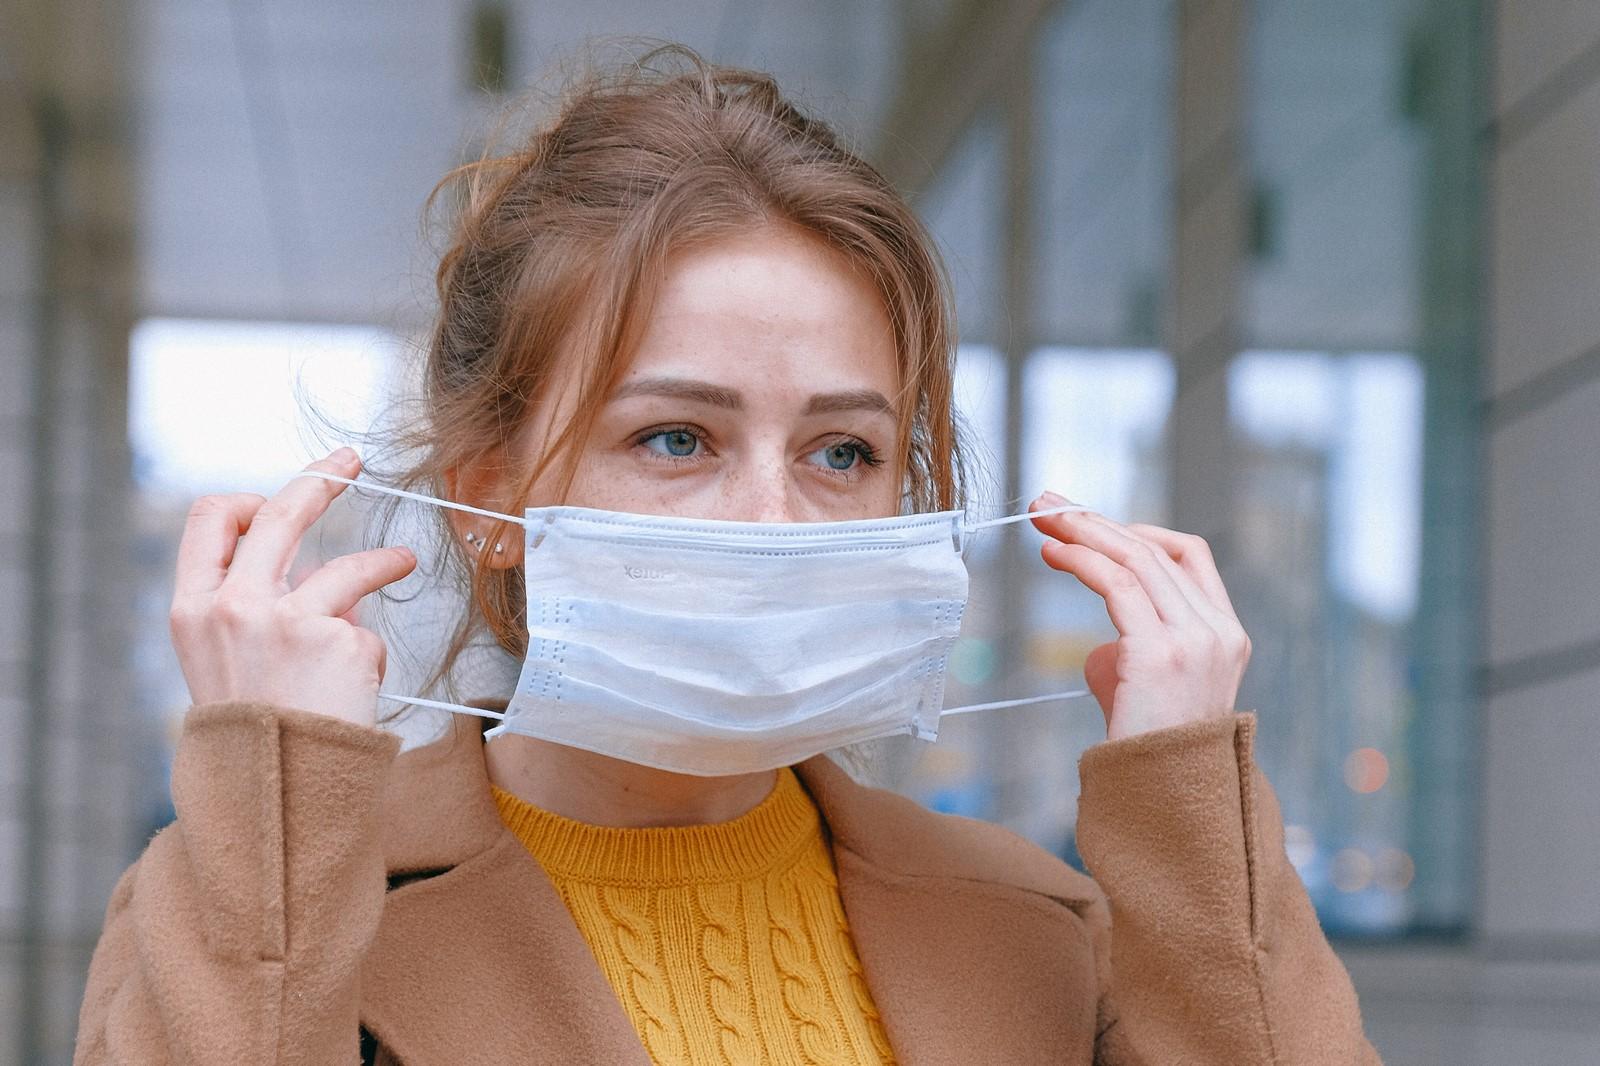 Ro¶nie wysoko¶æ mandatu za brak maski ochronnej w miejscu publicznym